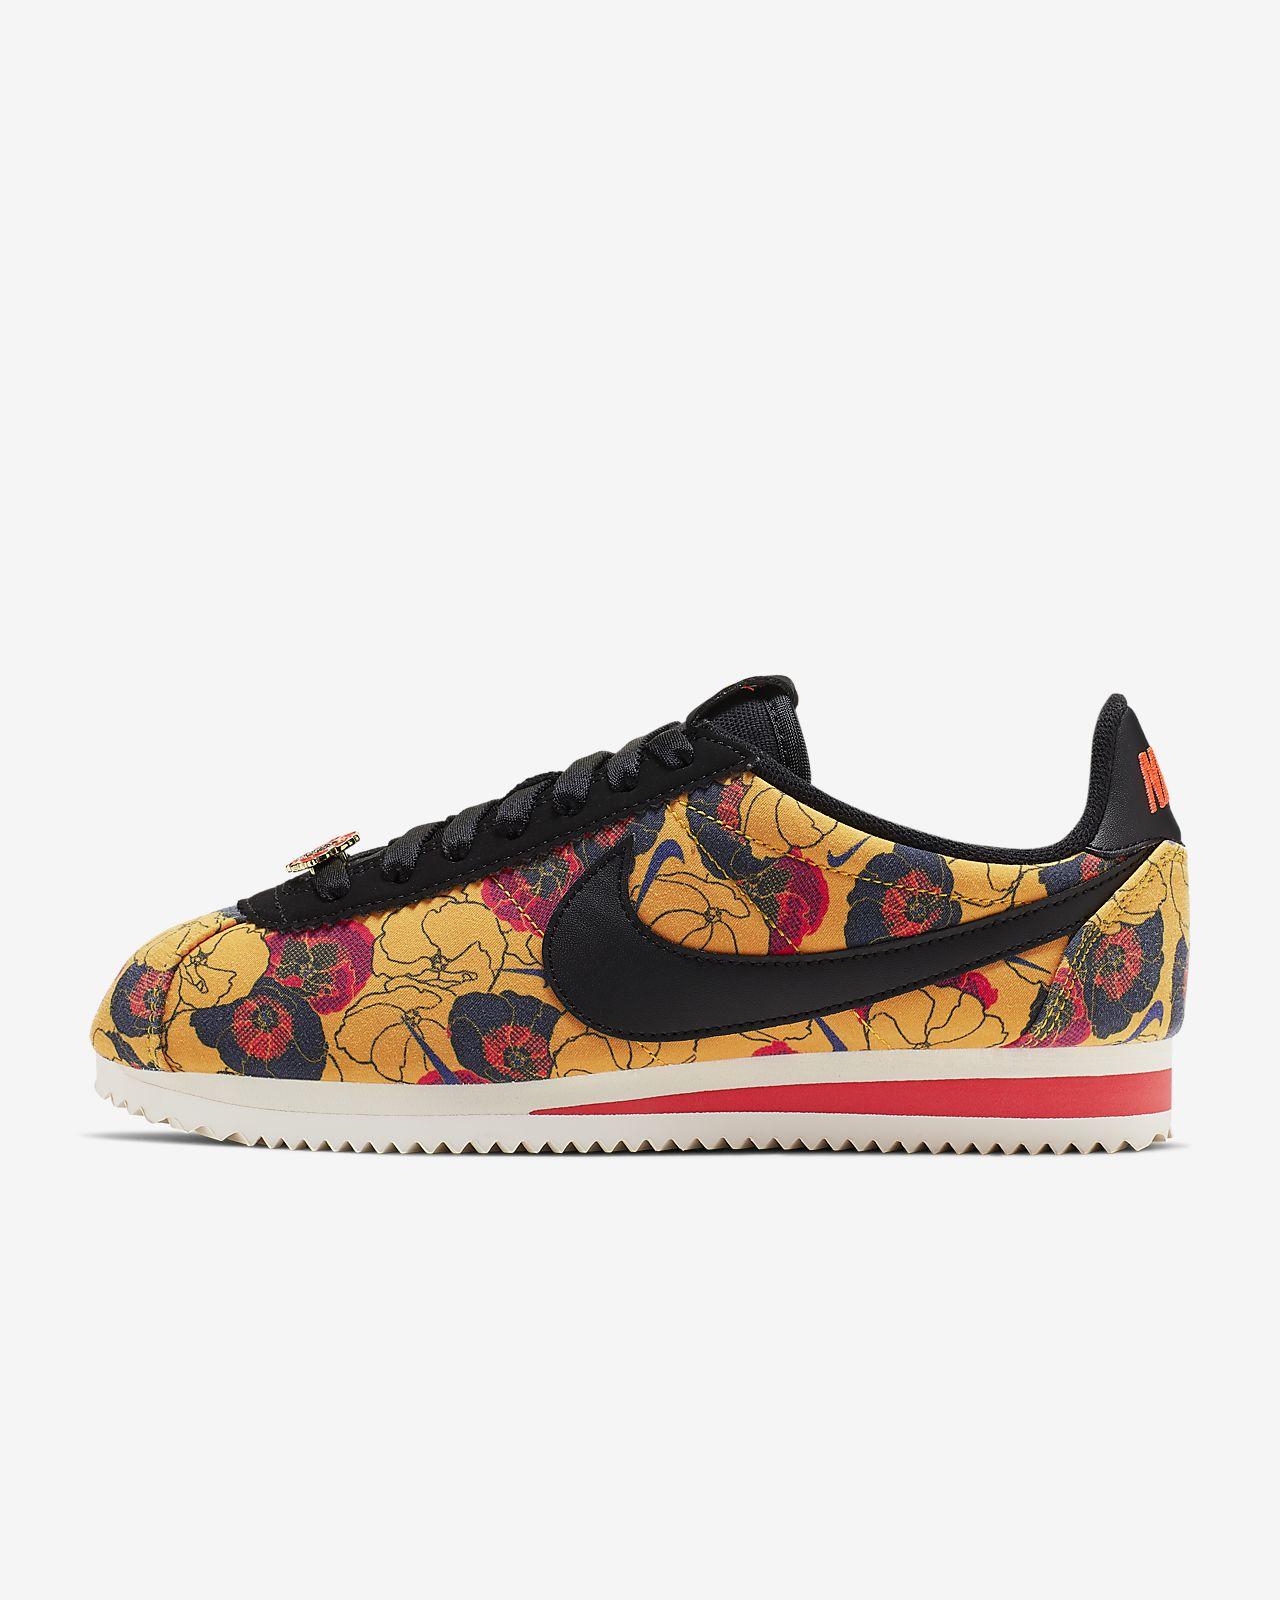 huge discount 83d4d ec03c ... Chaussure Nike Classic Cortez LX Floral pour Femme